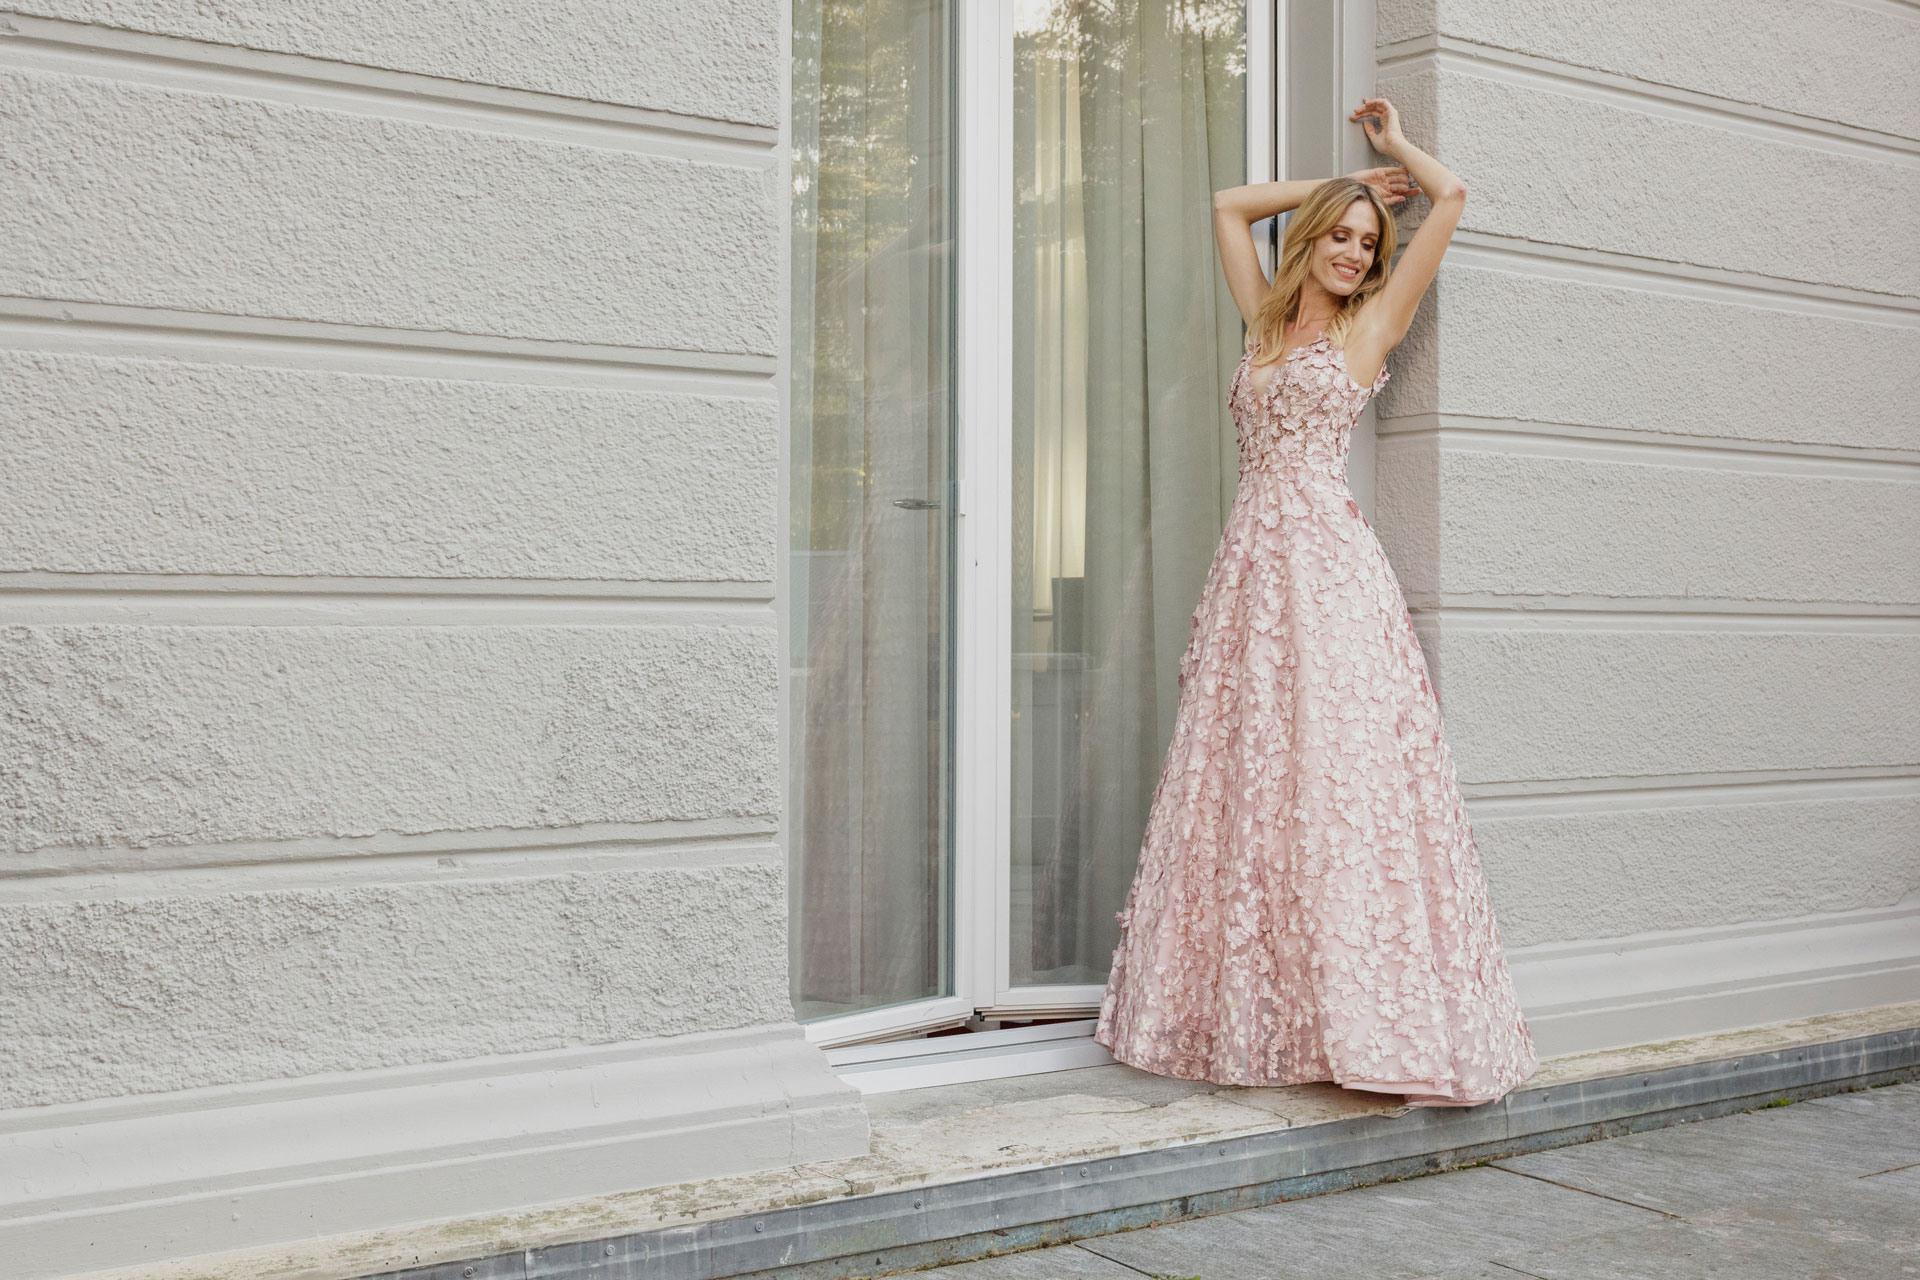 10 Genial Abendkleider Bern für 201910 Perfekt Abendkleider Bern Boutique